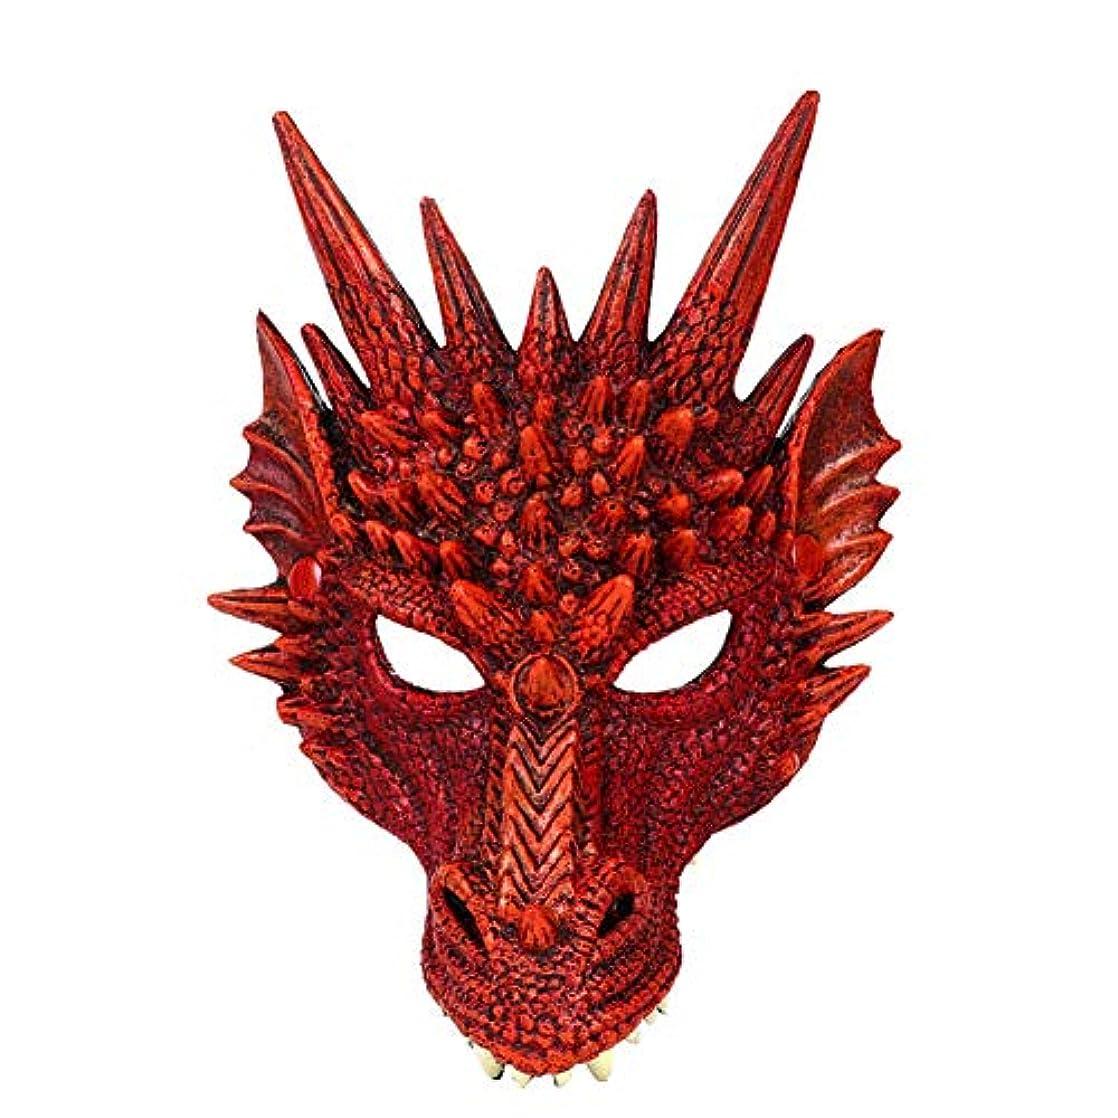 コミュニケーション詩くさびEsolom 4Dドラゴンマスク ハーフマスク 10代の子供のためのハロウィンコスチューム パーティーの装飾 テーマパーティー用品 ドラゴンコスプレ小道具